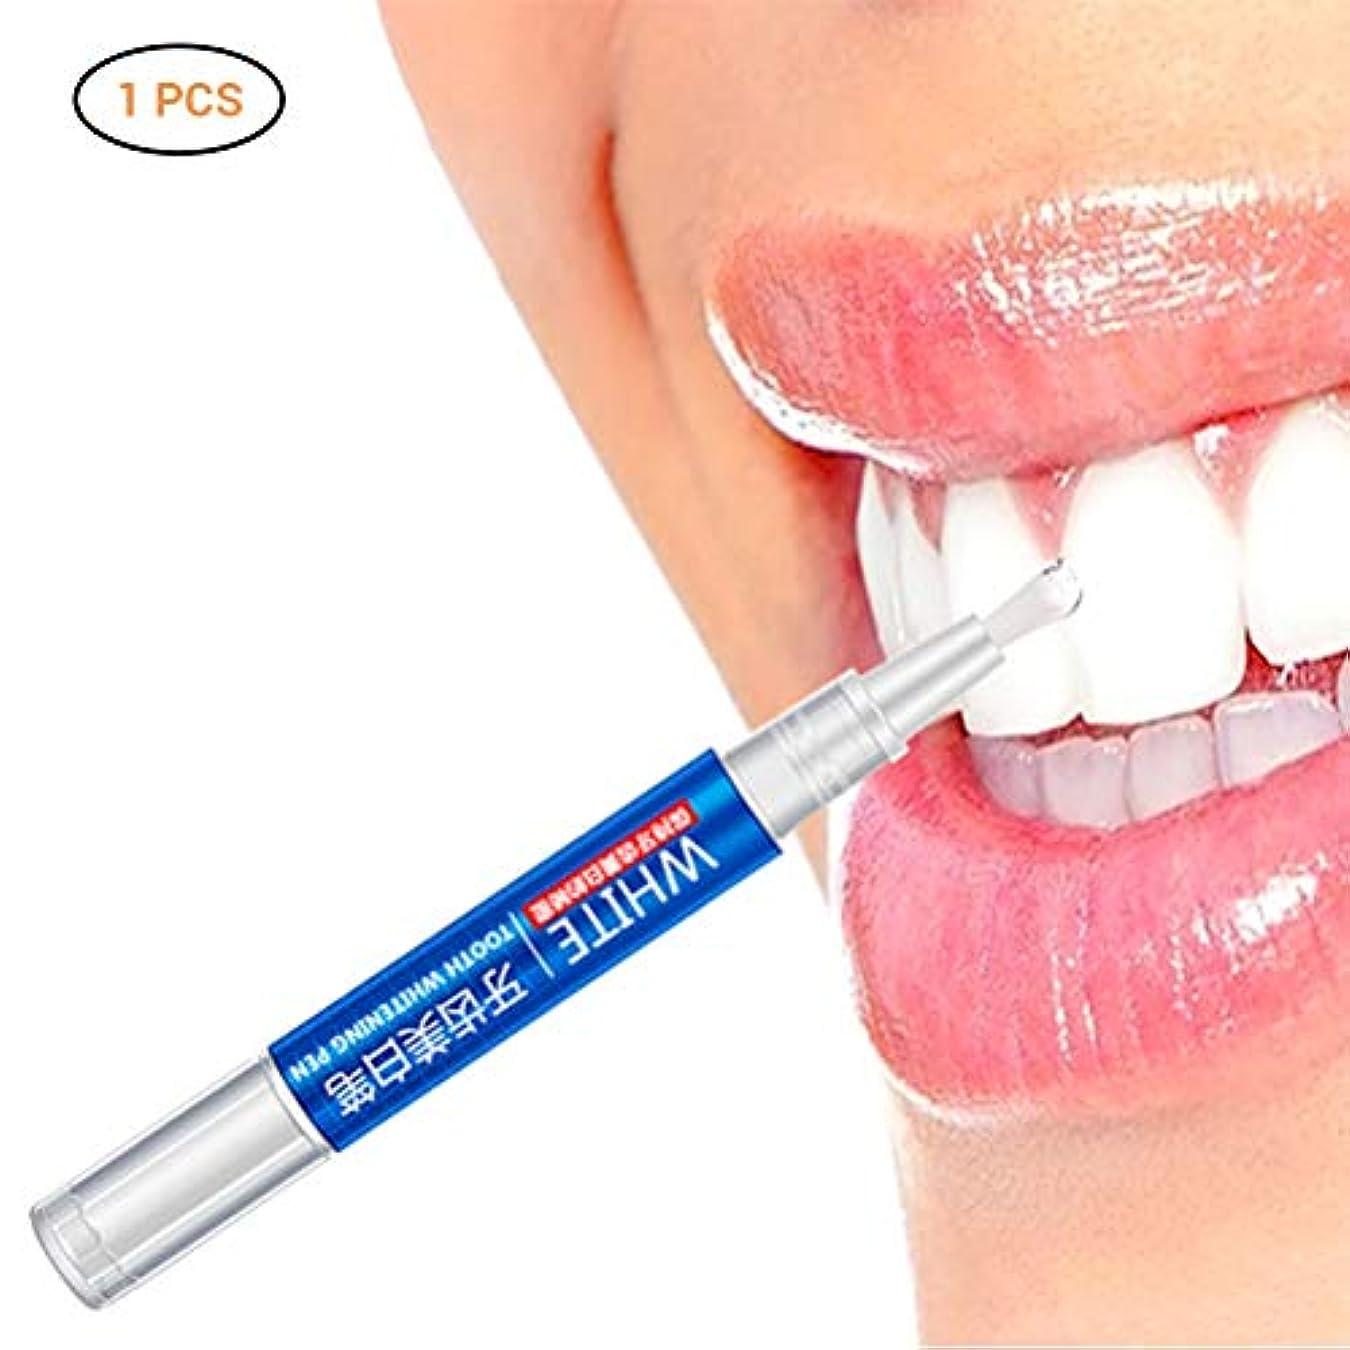 腹部そして悲しいことにURHOMY 歯を白くするゲルペンクイックリムーブステインイエロー歯を白くするホワイトペン歯ホワイトナーツール